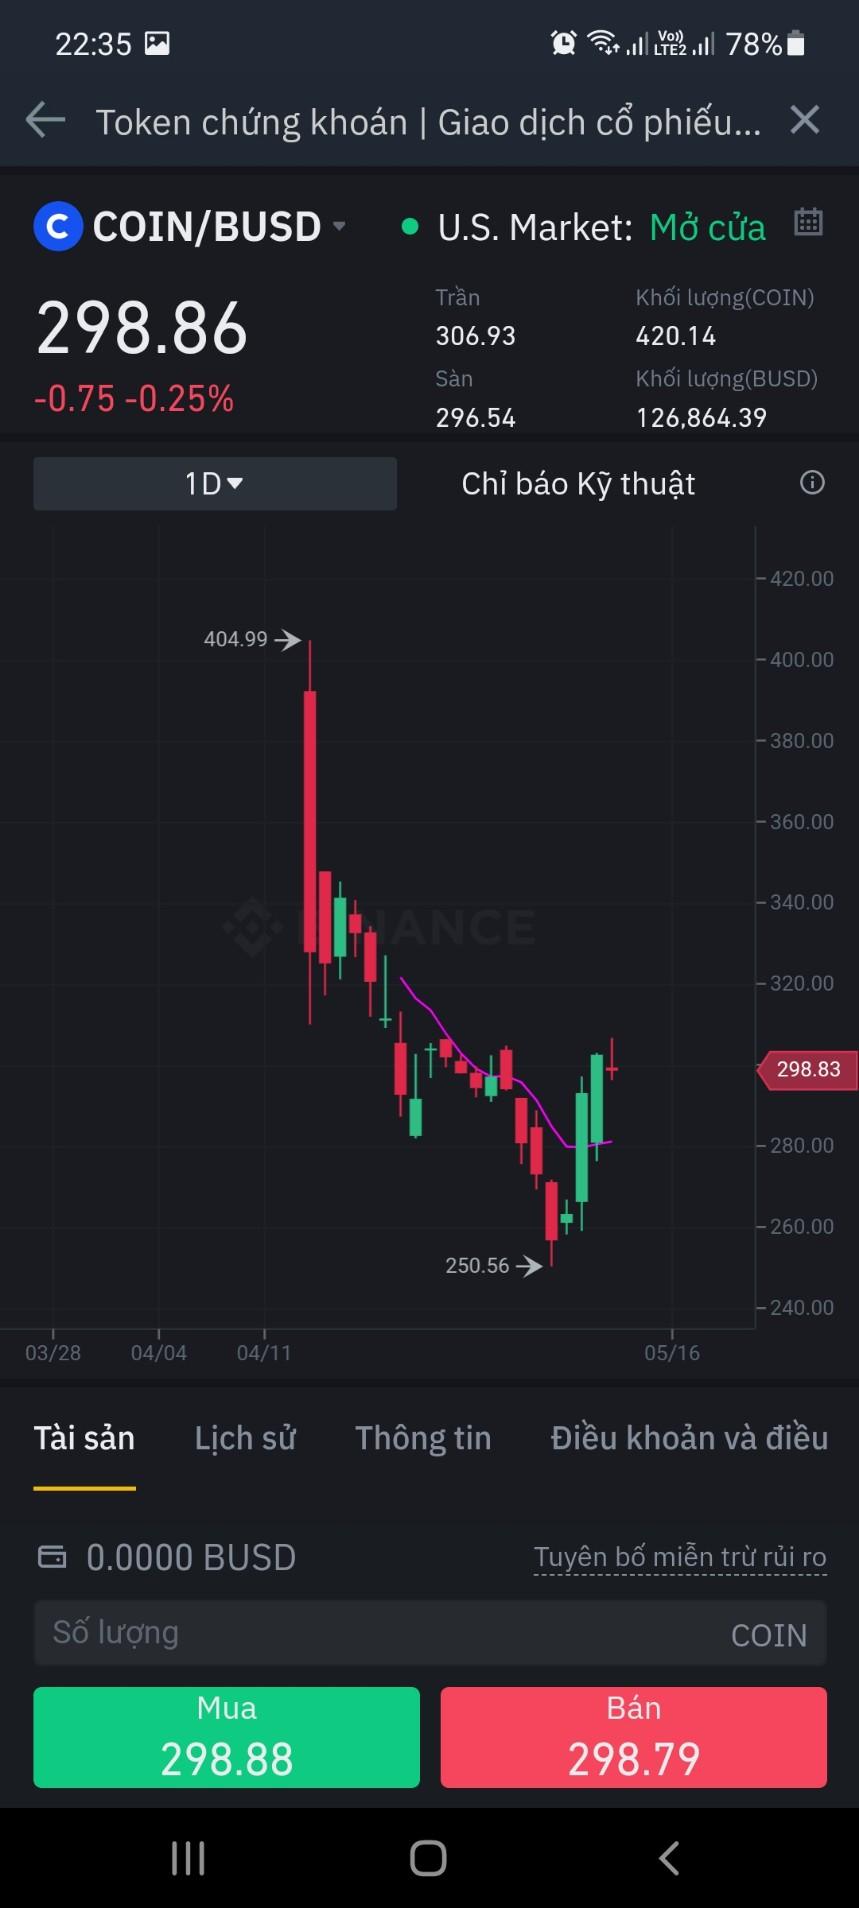 Tonken chứng khoán giao dịch trong thời gian mở cửa thị trường chứng khoán